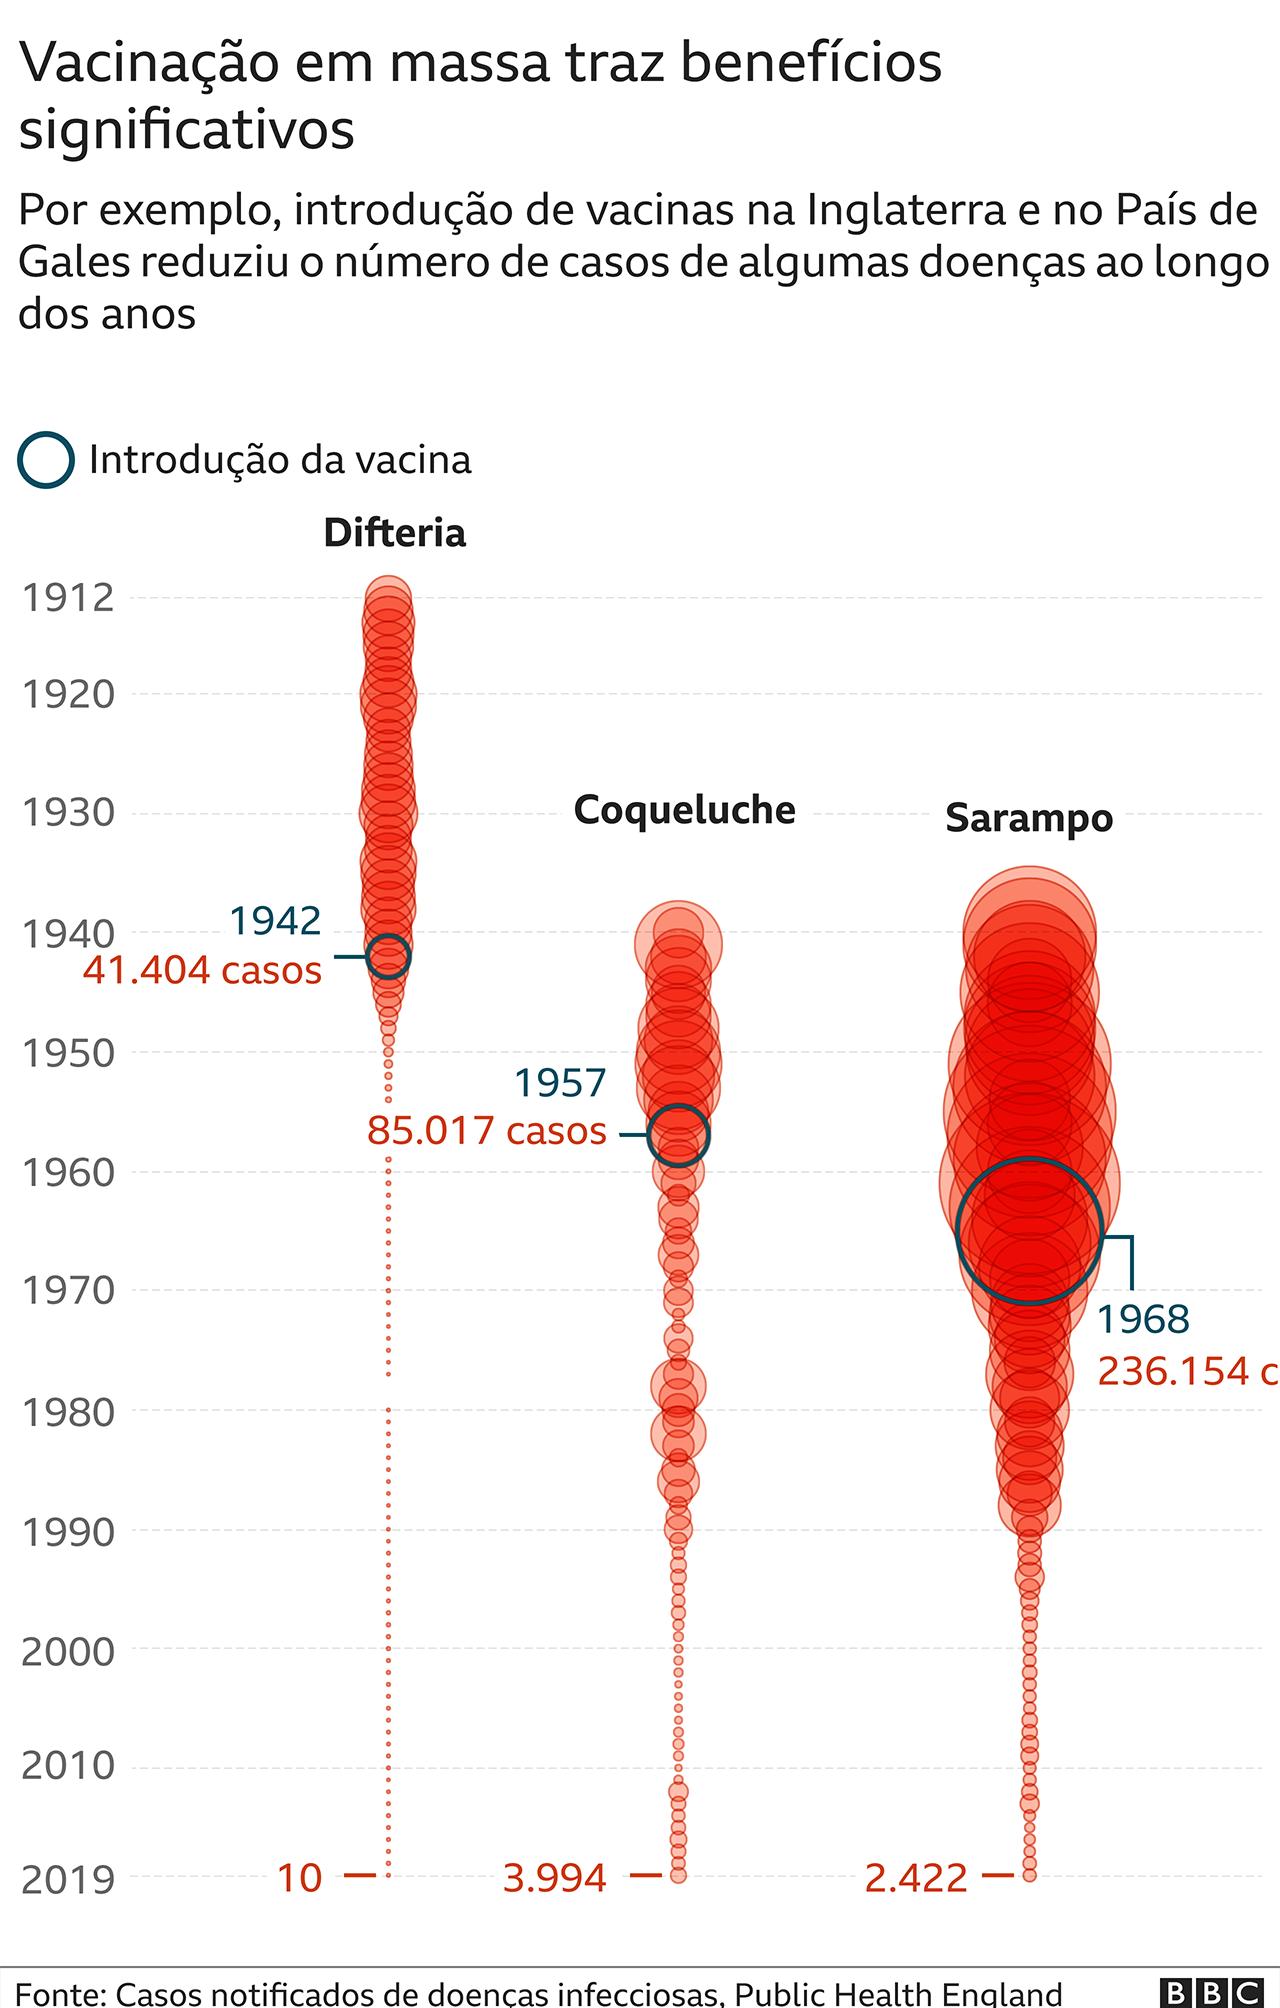 Gráfico mostrando evolução de doenças com vacinas